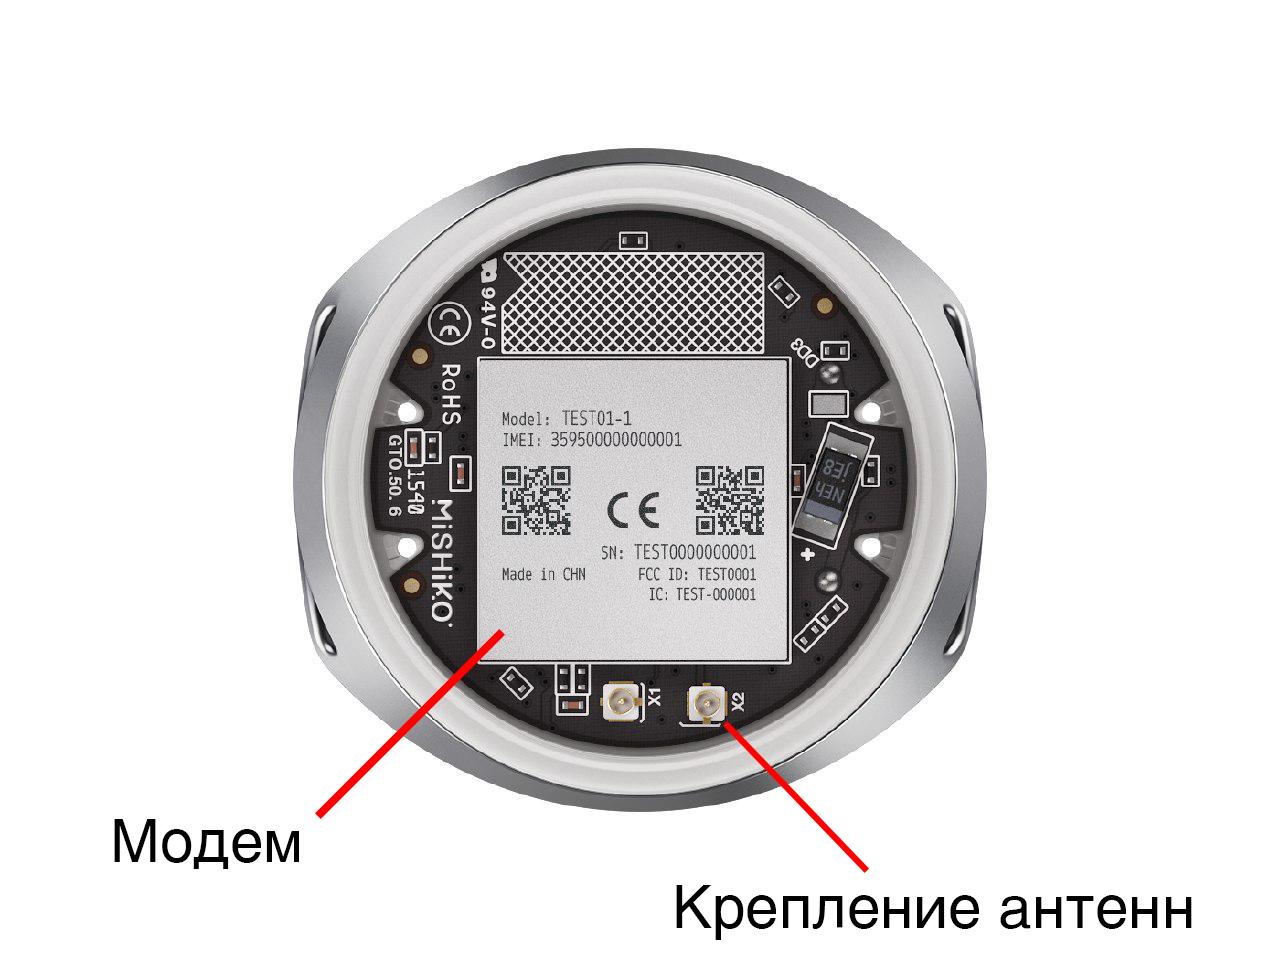 Кастомная GPS-антенна, SIM-чип, процессор и 8Мб памяти: из чего сделан умный собачий ошейник Mishiko - 6